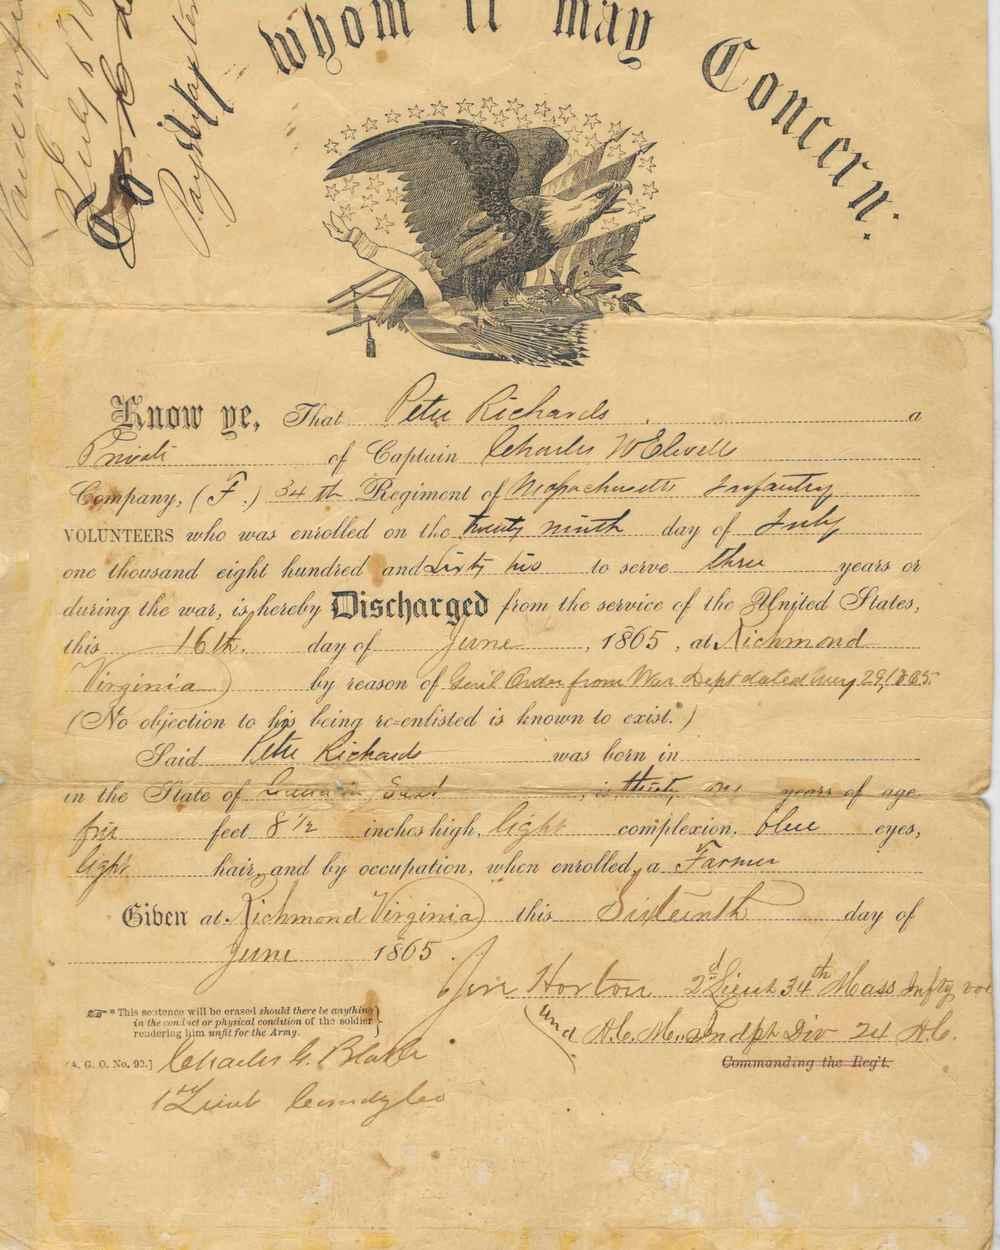 Peter Richards' discharge.